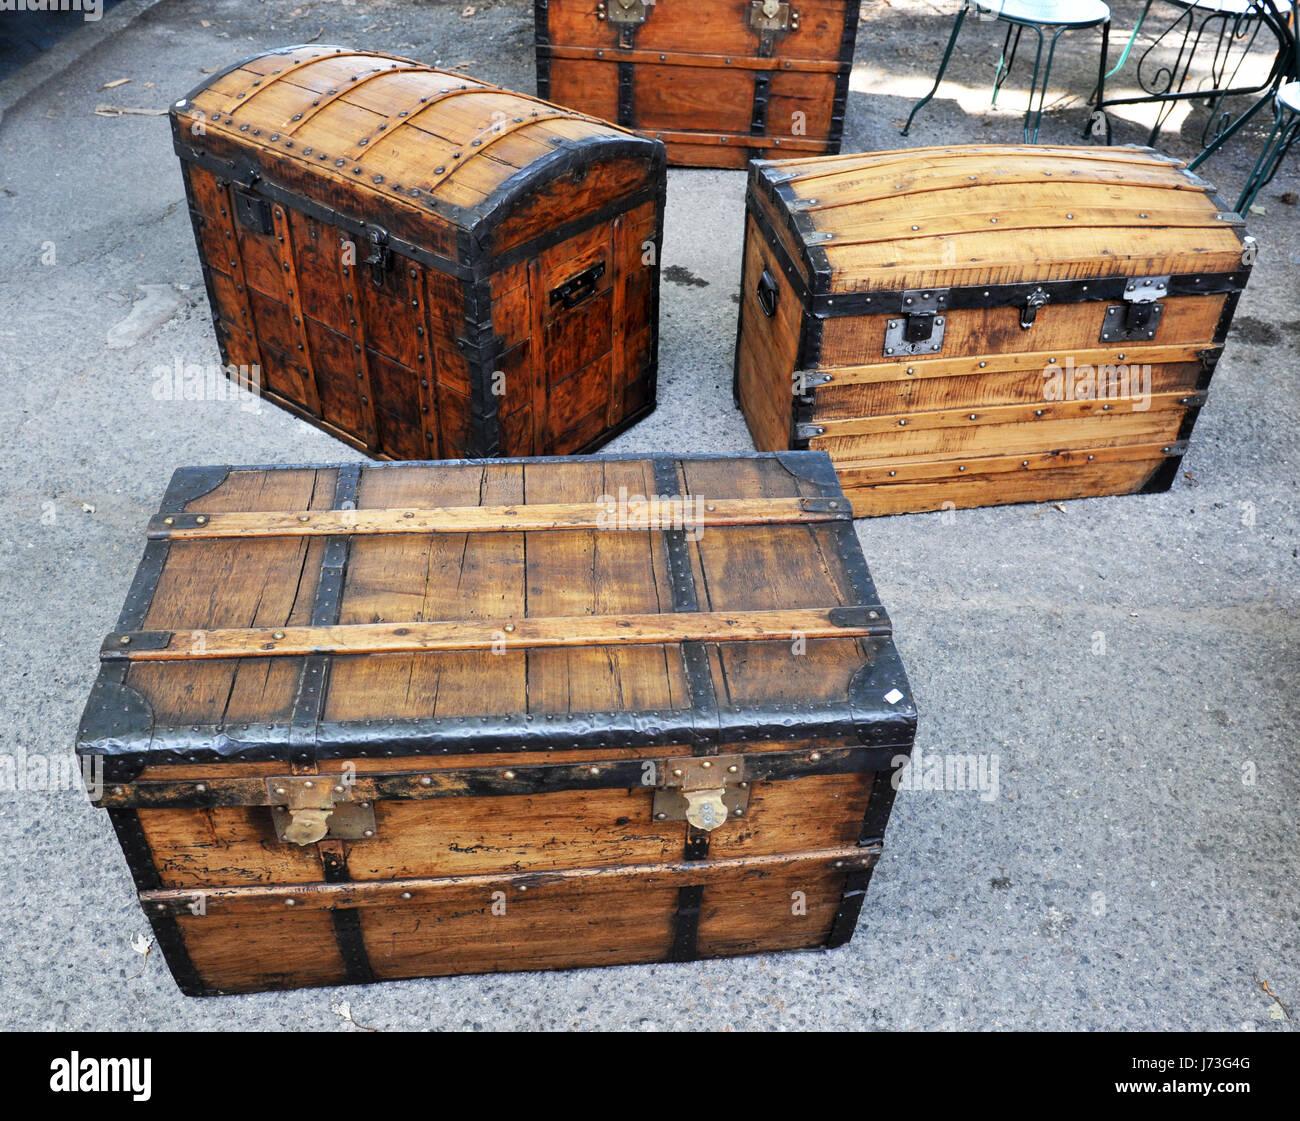 Oggetti Antichi In Vendita.Tronco Di Legno Scatole Box Soffitta Vecchi Oggetti Antichi